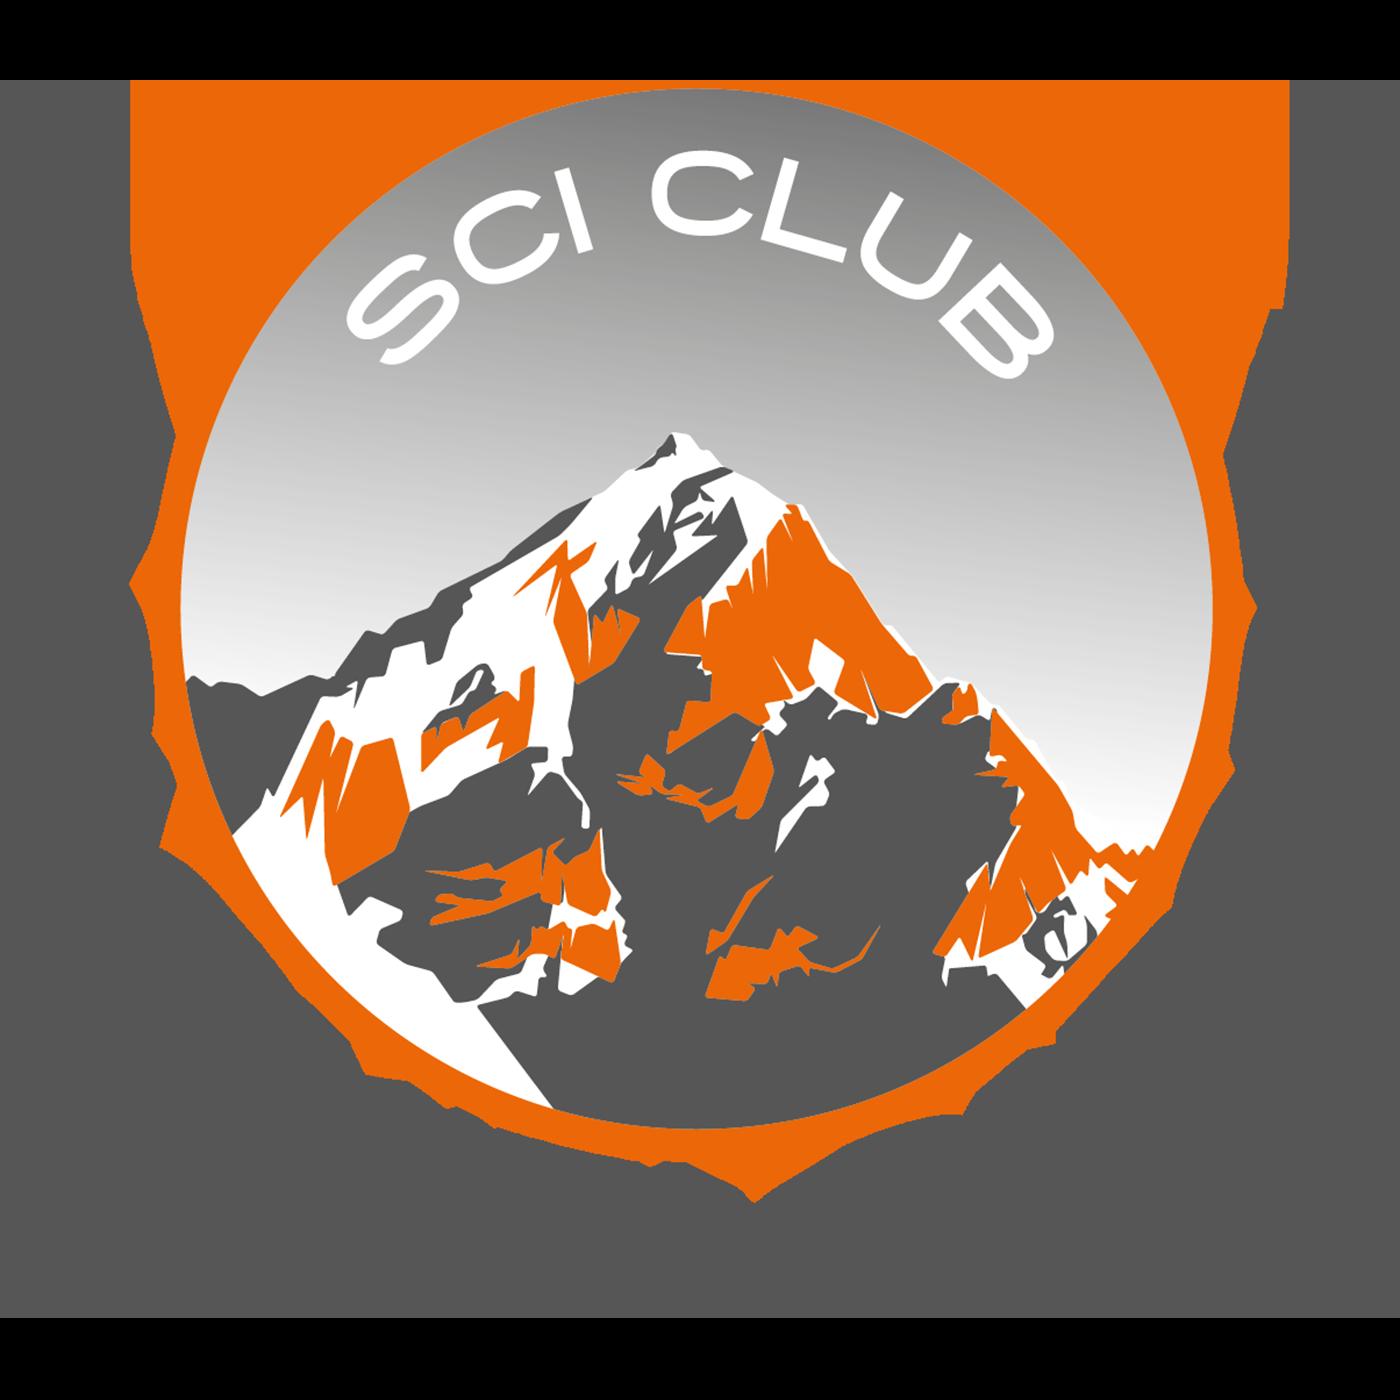 SciClub Dolomiti Cadore Logo